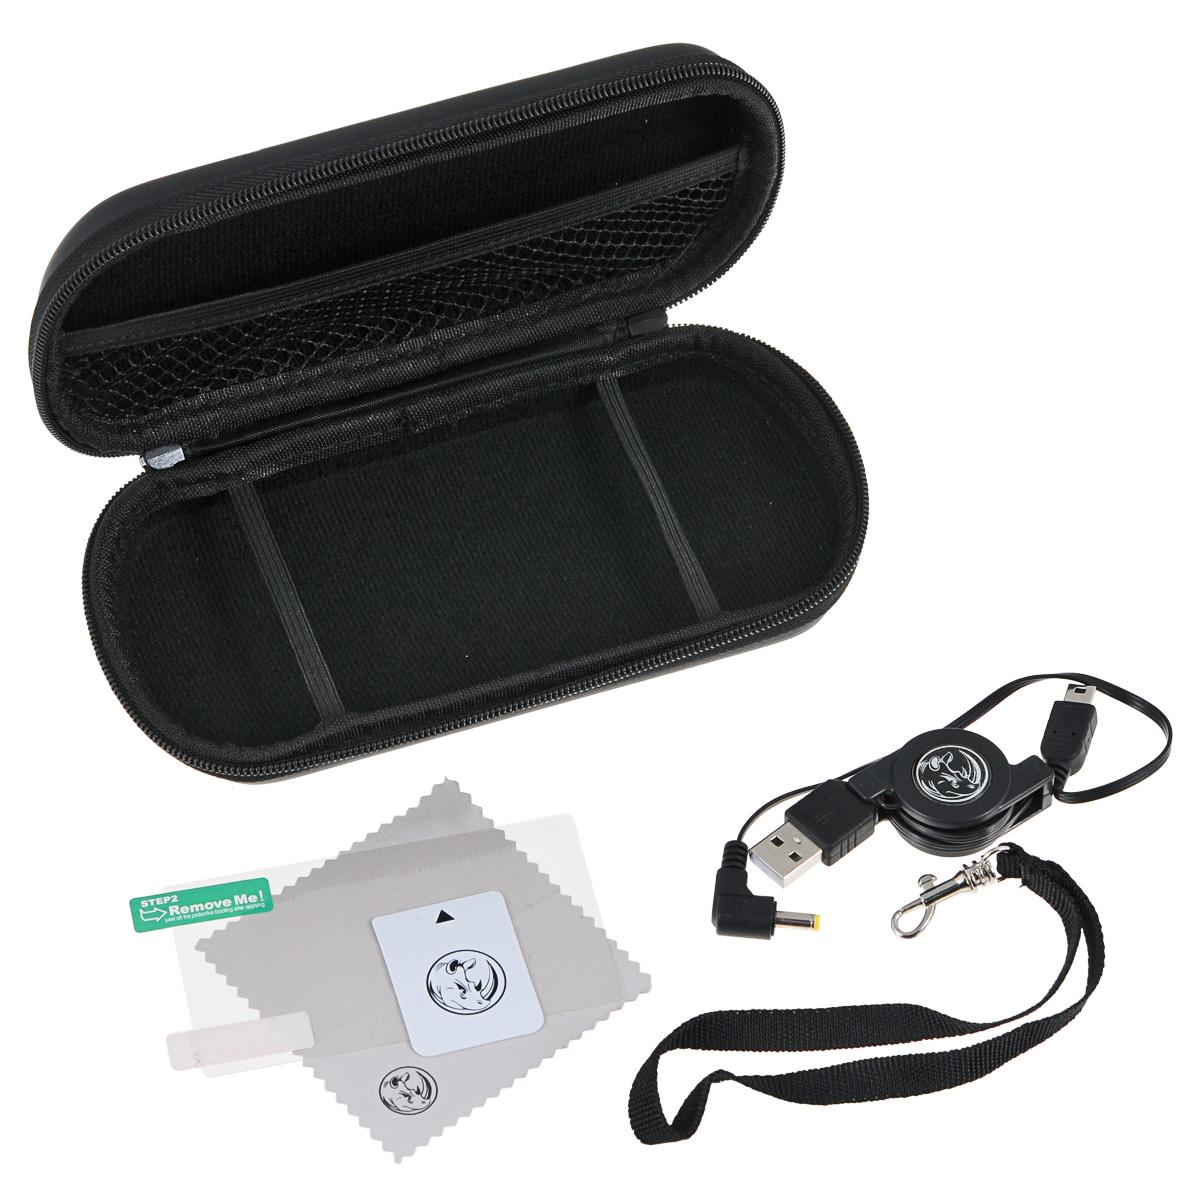 Black Horns Kit 5 in 1 набор аксессуаров для Sony PSP E1000/2000/3000BH-PSE0804(R)Набор аксессуаров Black Horns Kit 5 in 1 для Sony PSP E1000/2000/3000. В комплект входит полиуретановый чехол для хранения и транспортировки портативной игровой консоли. Для зарядки устройства в набор включен сворачиваемый кабель USB (2 в 1). Салфетка из микрофибры поможет вам очистить поверхность приставки от пыли и грязи. А пленка для защиты экрана убережет его от царапин и потертостей. Для ее наклеивания предназначена специальная карточка для удаления пузырьков воздуха.